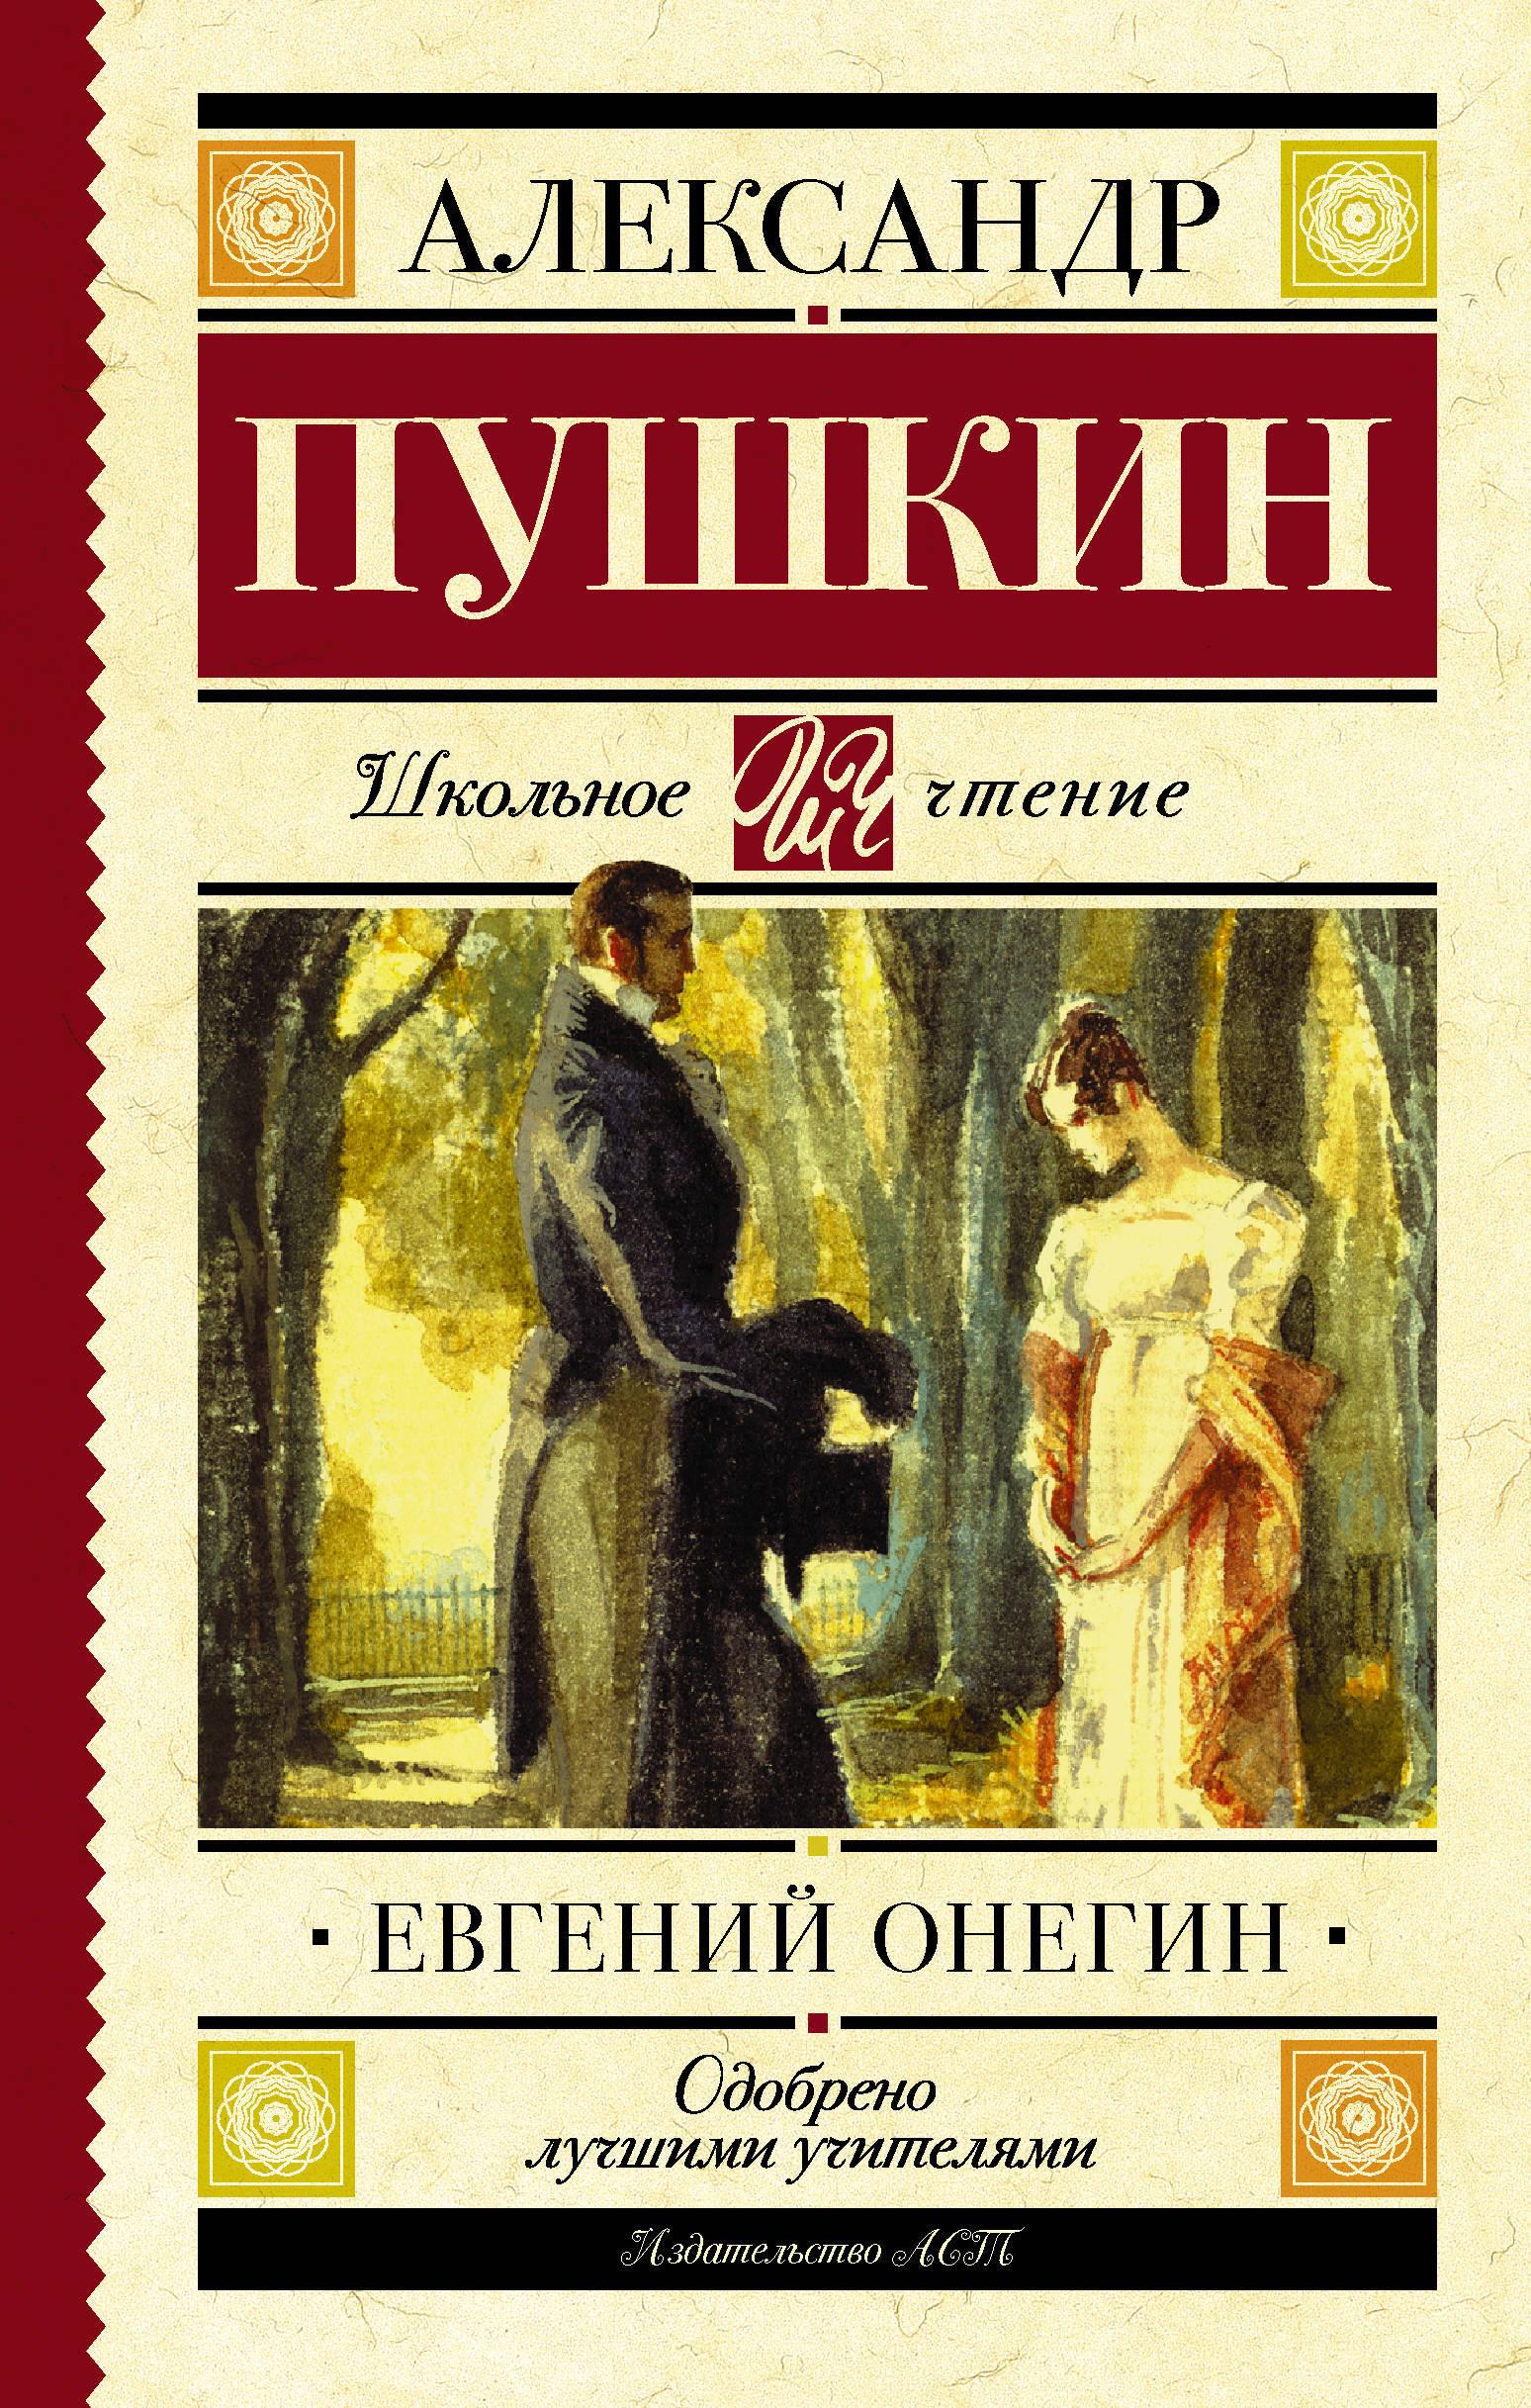 Картинка пушкин евгений онегин